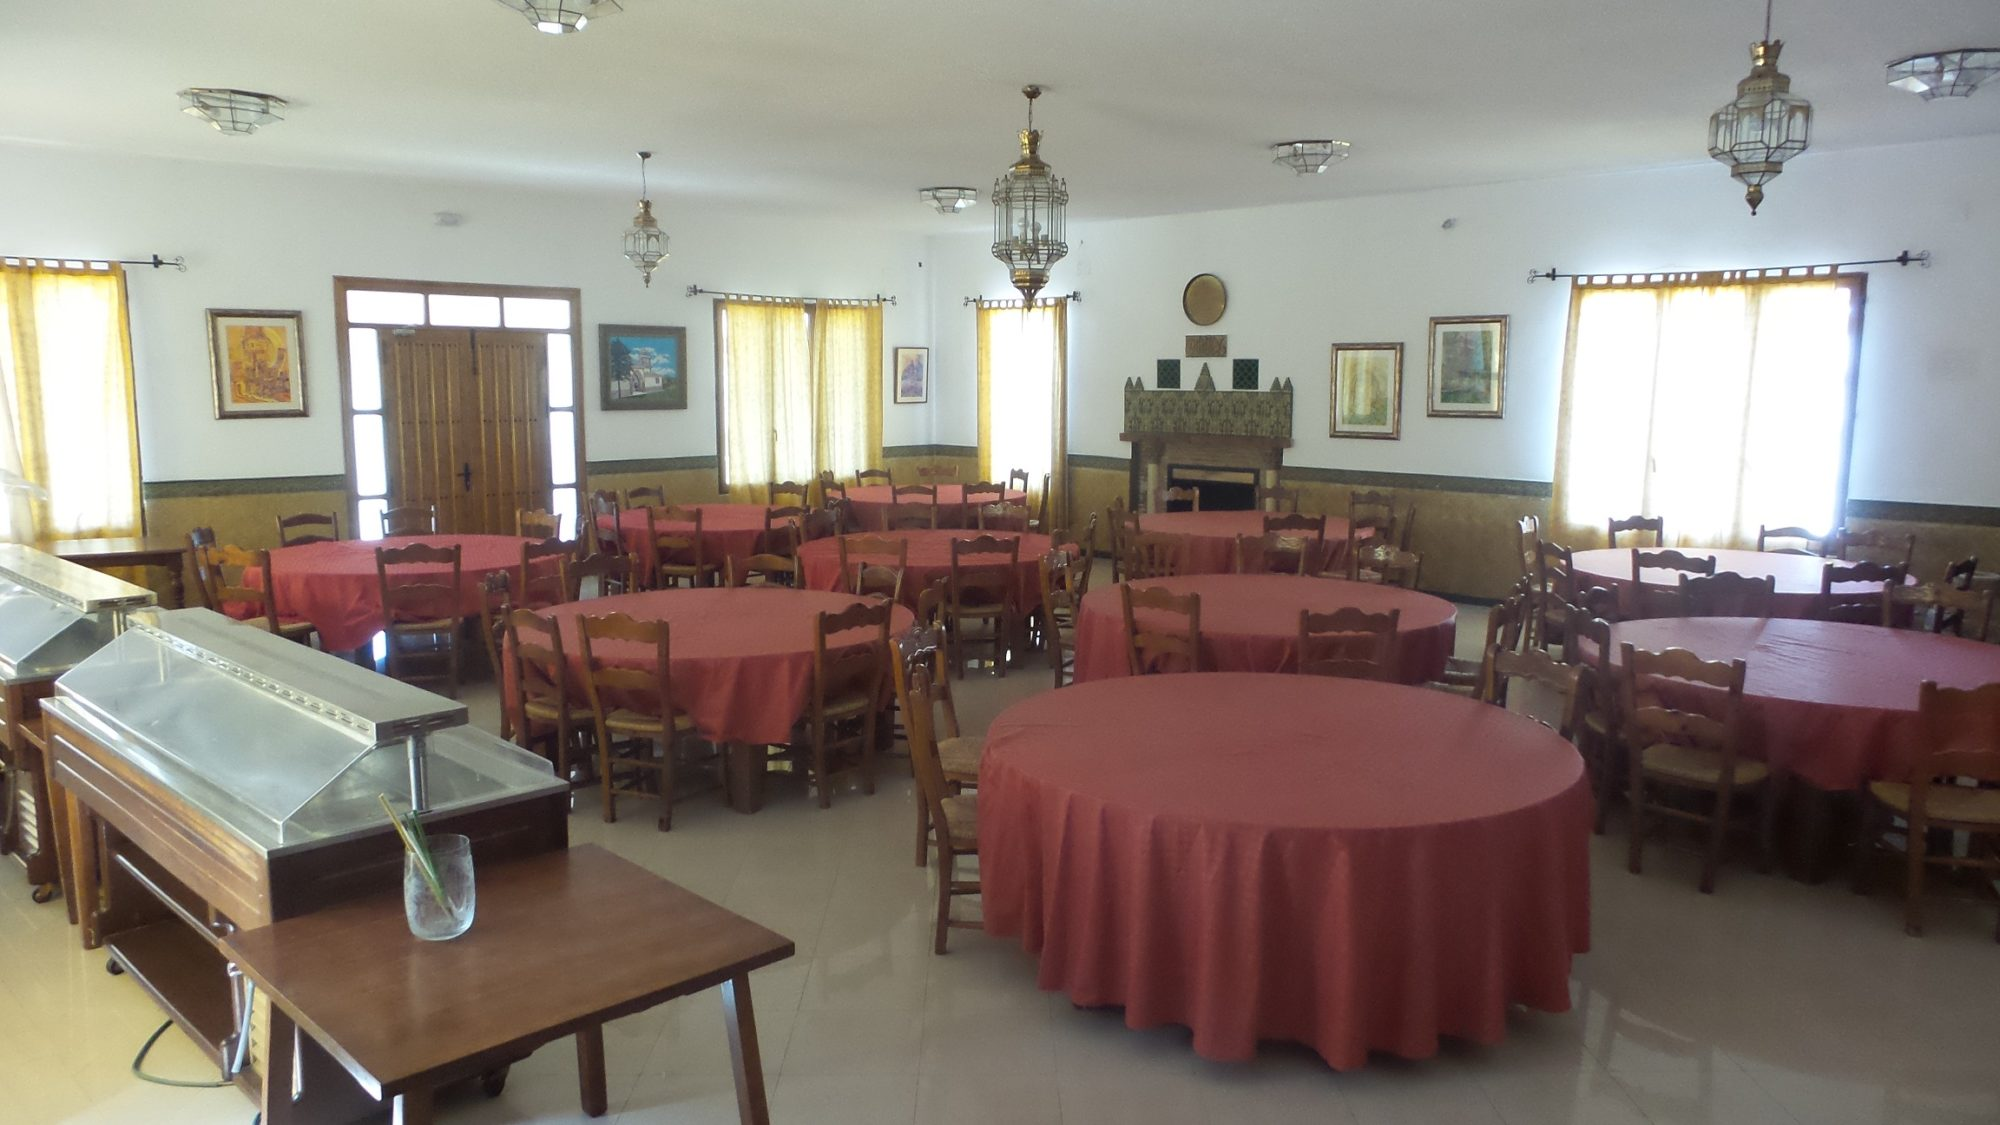 ALQUERIA RESTAURANT Alqueriaderosalesorg - Restaurant table organizers